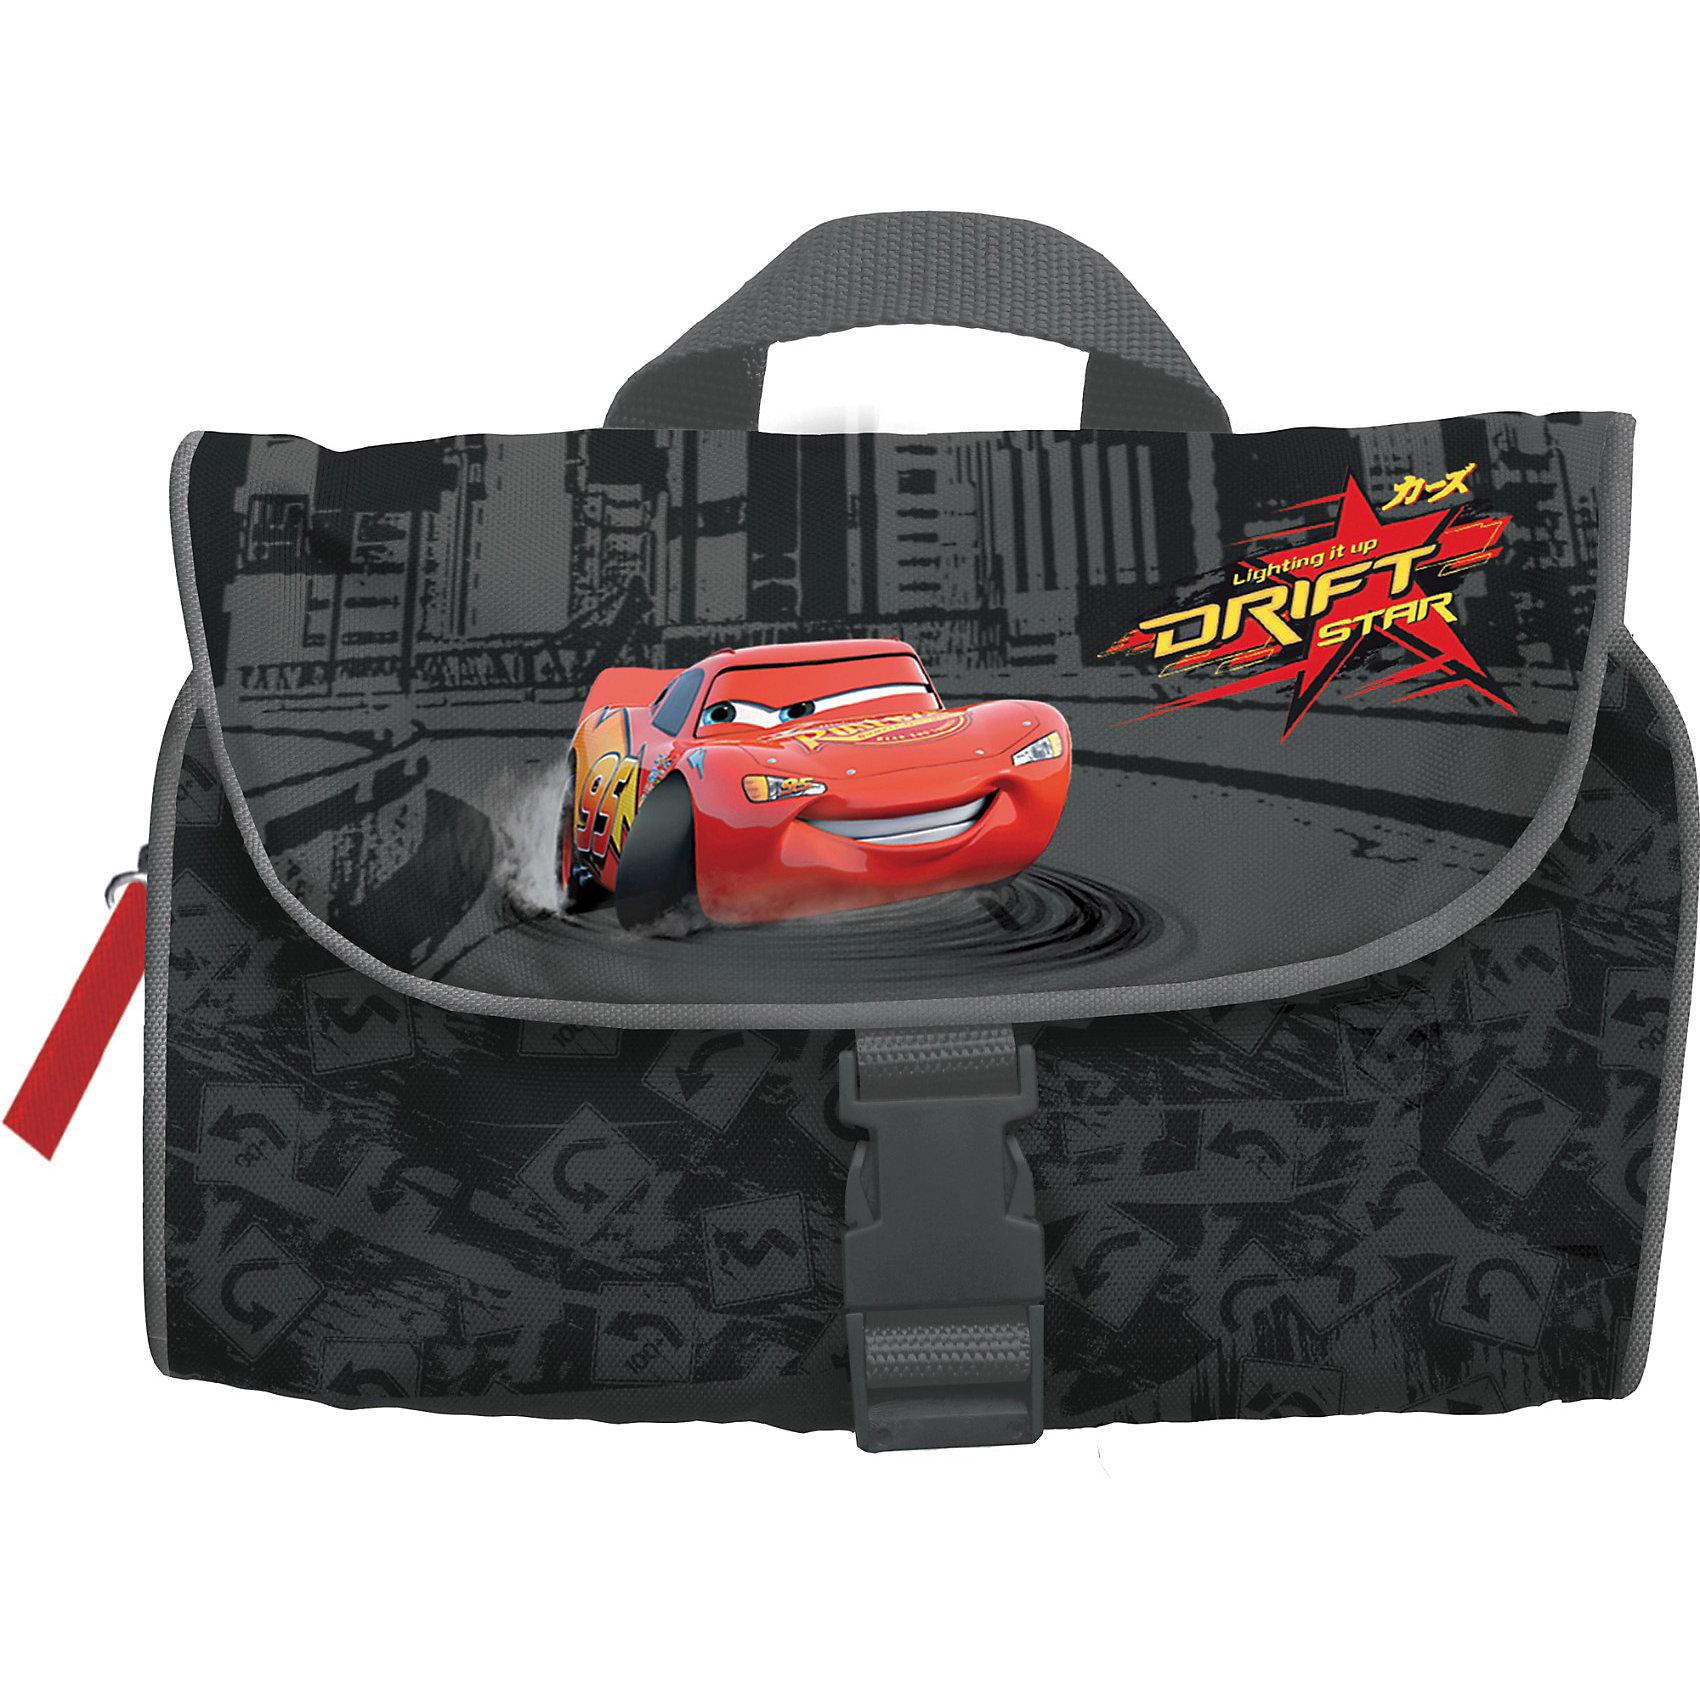 Сумка-несессер, ТачкиУдобная и вместительная сумка с изображением героев популярного мультфильма Тачки (Cars) одинаково удобно может использоваться как в дороге так и дома. В сумку можно складывать различные средства гигиены. Сумка закрывается на защелку и имеет удобный крючок для подвешивания в раскрытом виде.<br><br>Дополнительная информация:<br><br>Размеры: 160*250*50 мм<br>Три отделения: два из них на молнии и одно с несколькими маленькими ячейками<br>Материал: полиэстер<br><br>Сумку-несессер, Тачки можно купить в нашем магазине.<br><br>Ширина мм: 160<br>Глубина мм: 250<br>Высота мм: 50<br>Вес г: 165<br>Возраст от месяцев: 48<br>Возраст до месяцев: 84<br>Пол: Мужской<br>Возраст: Детский<br>SKU: 3109905